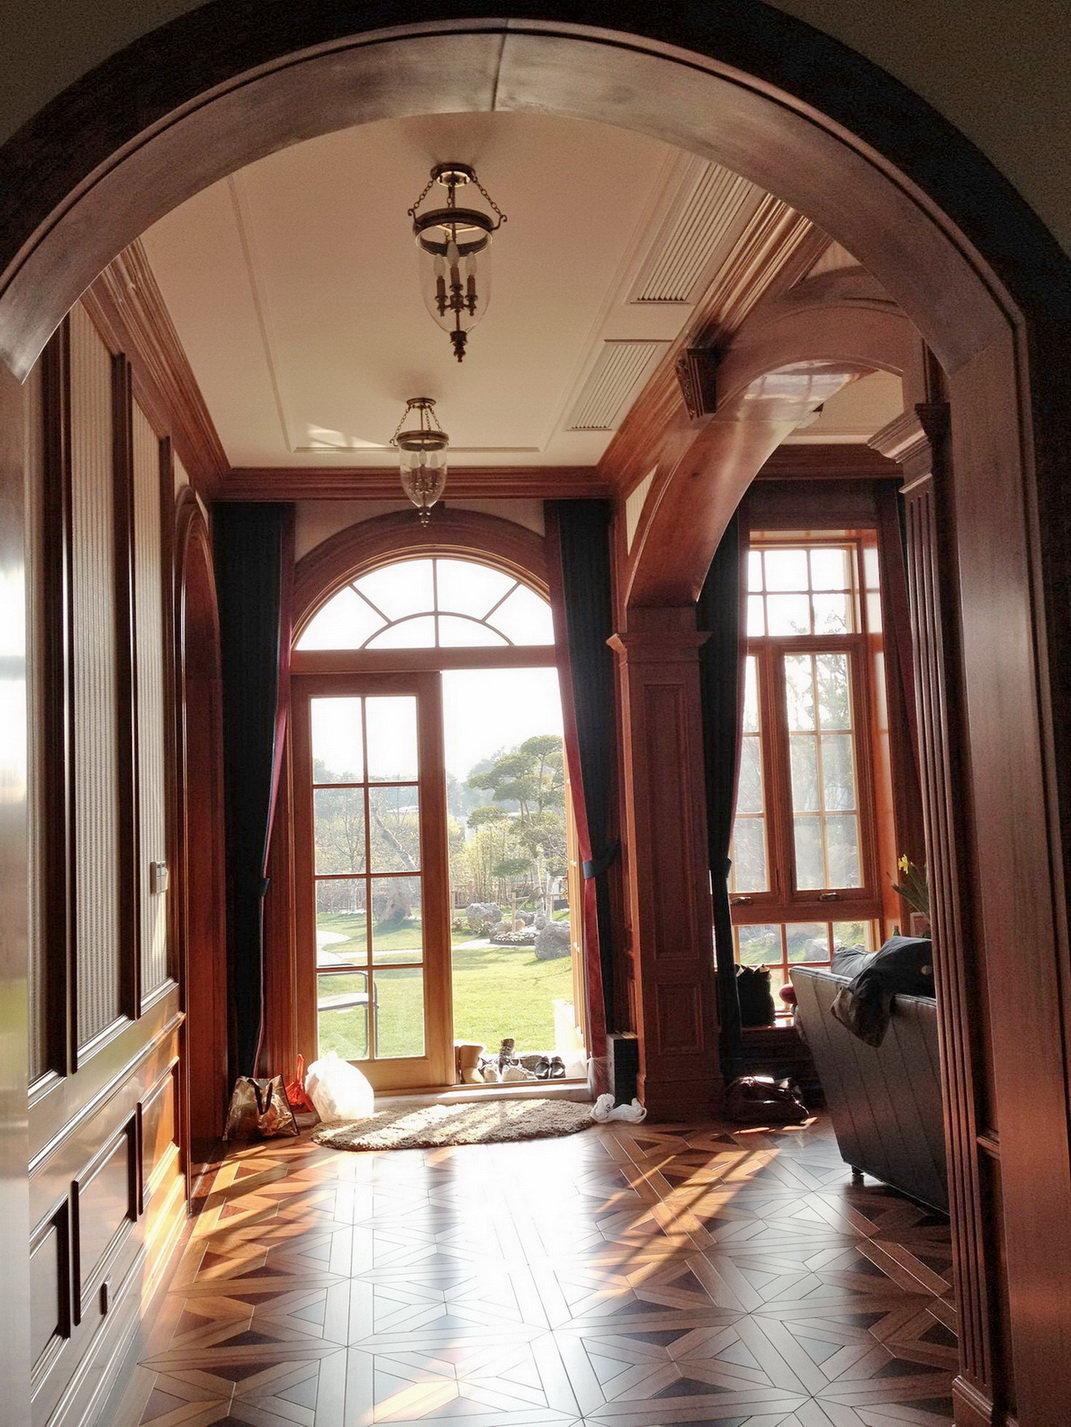 主题:英国风 美式 理想的生活舒适化500平室内 600平室外(第一页更新图片